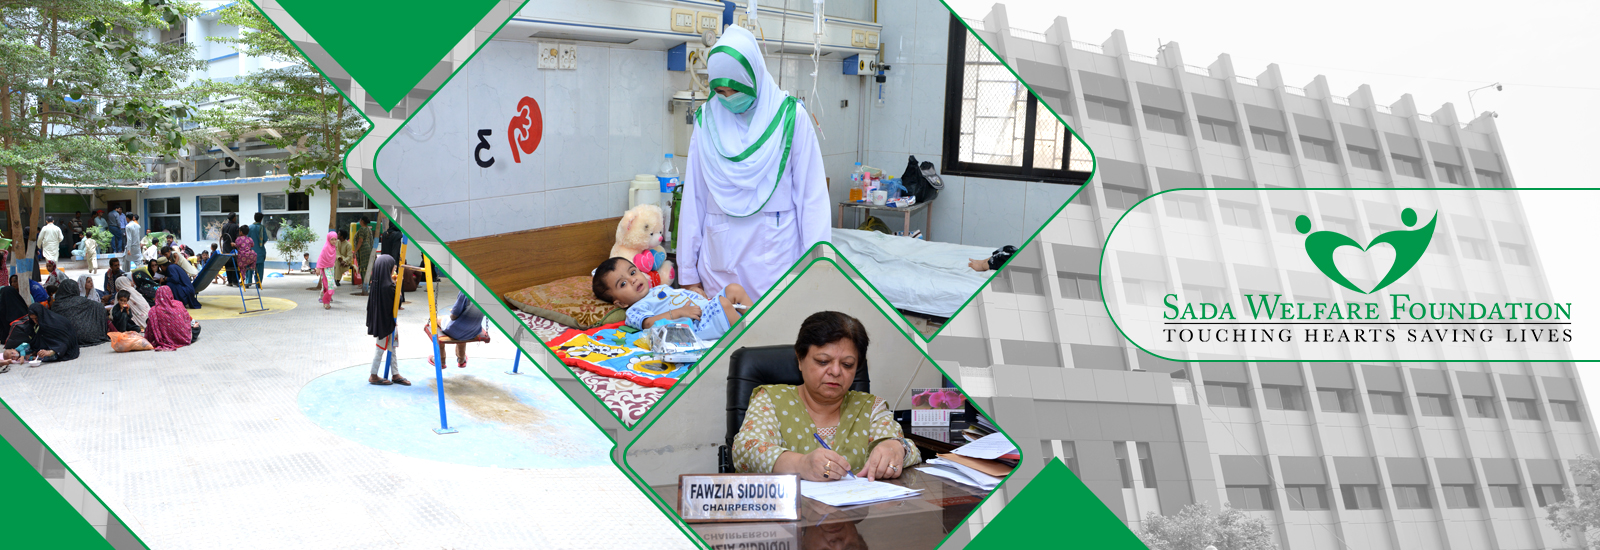 Sada-Welfare